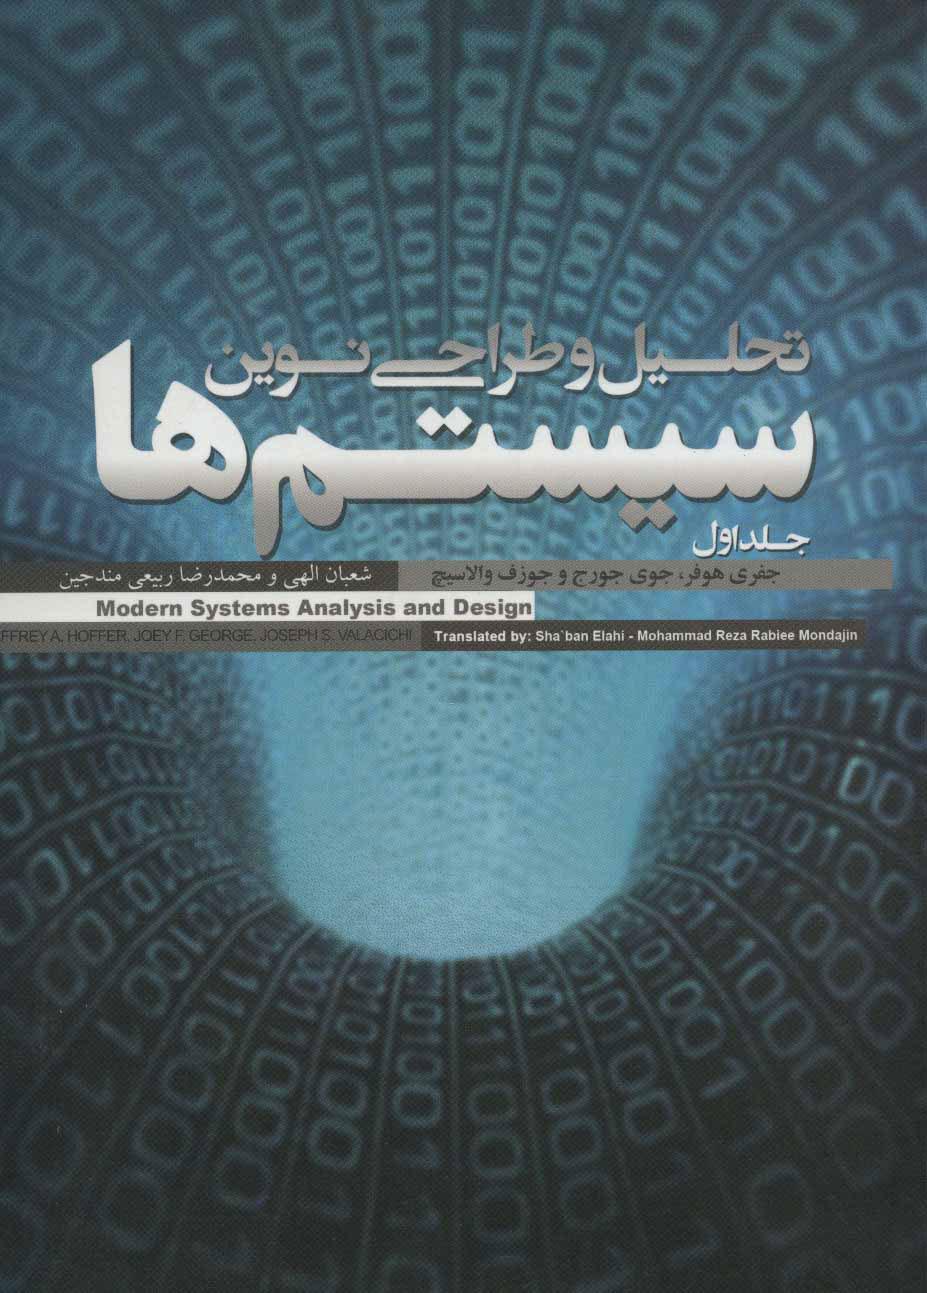 کتاب تحلیل و طراحی نوین سیستم ها